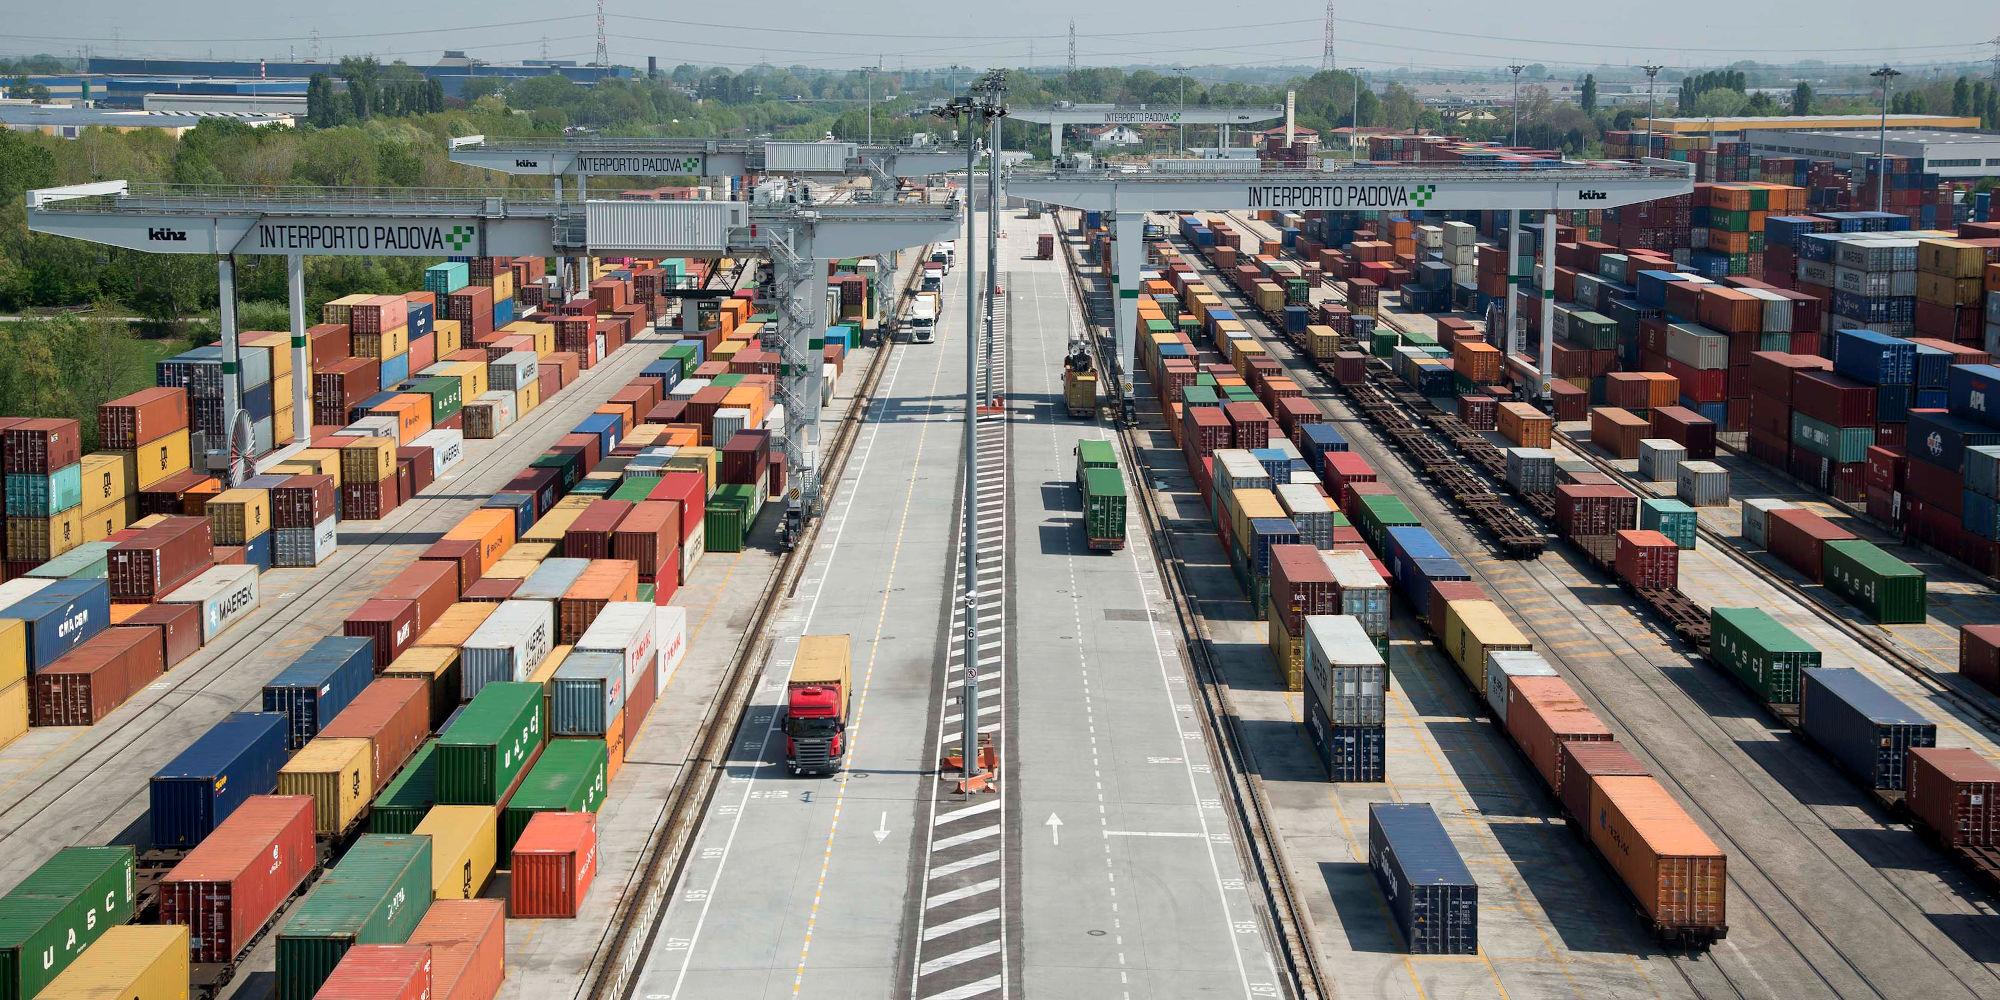 interporto-cerniera-intermodale-tra-trasporto-pesante-e-leggero